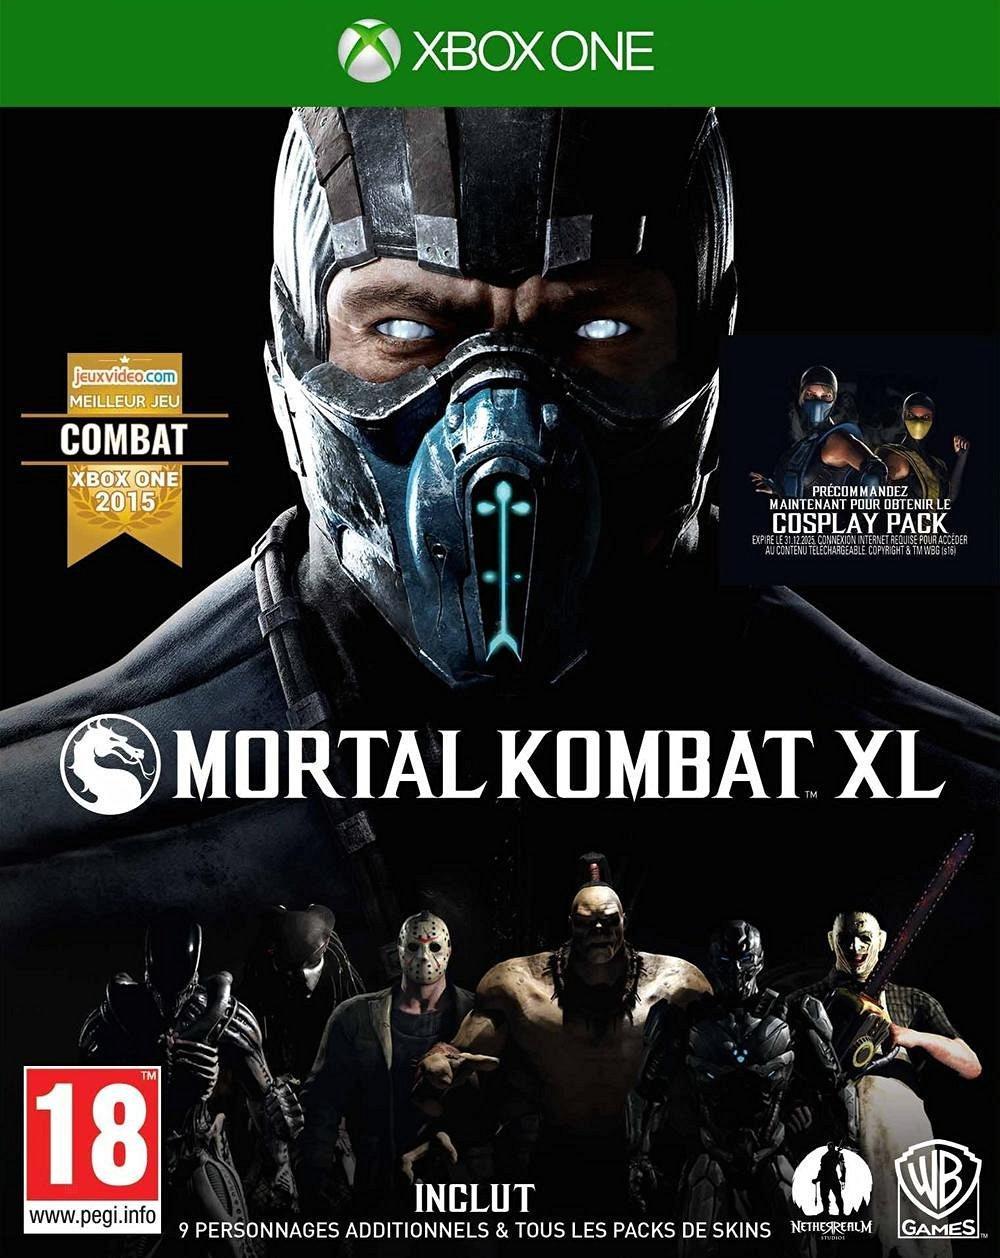 Mortal Kombat XL Edition Complète sur Xbox One + 23,47€ en bon d'achat